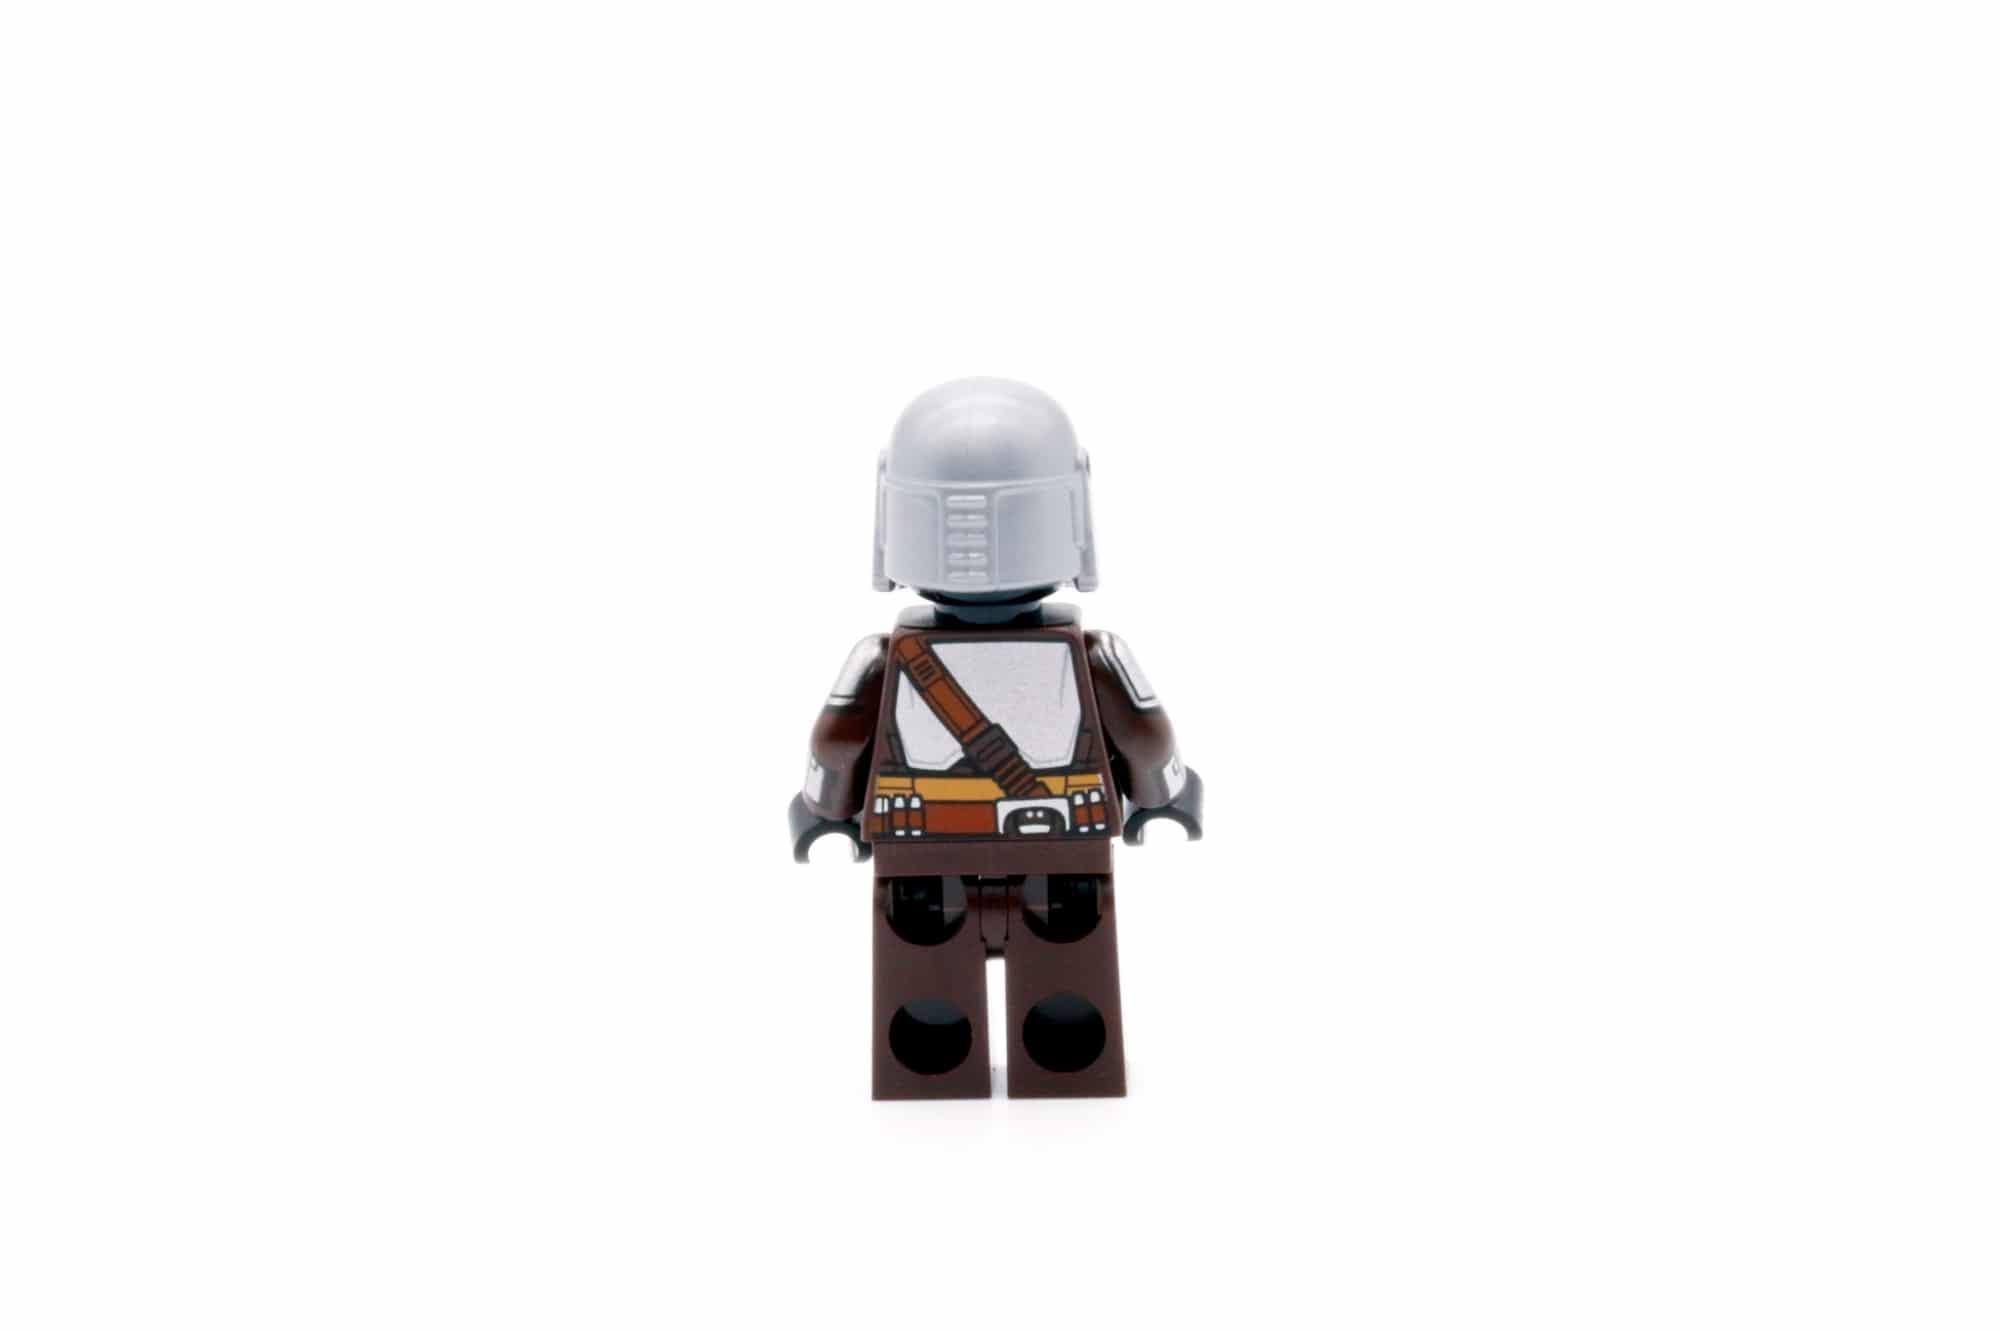 LEGO Star Wars 75312 Boba Fetts Starship 45